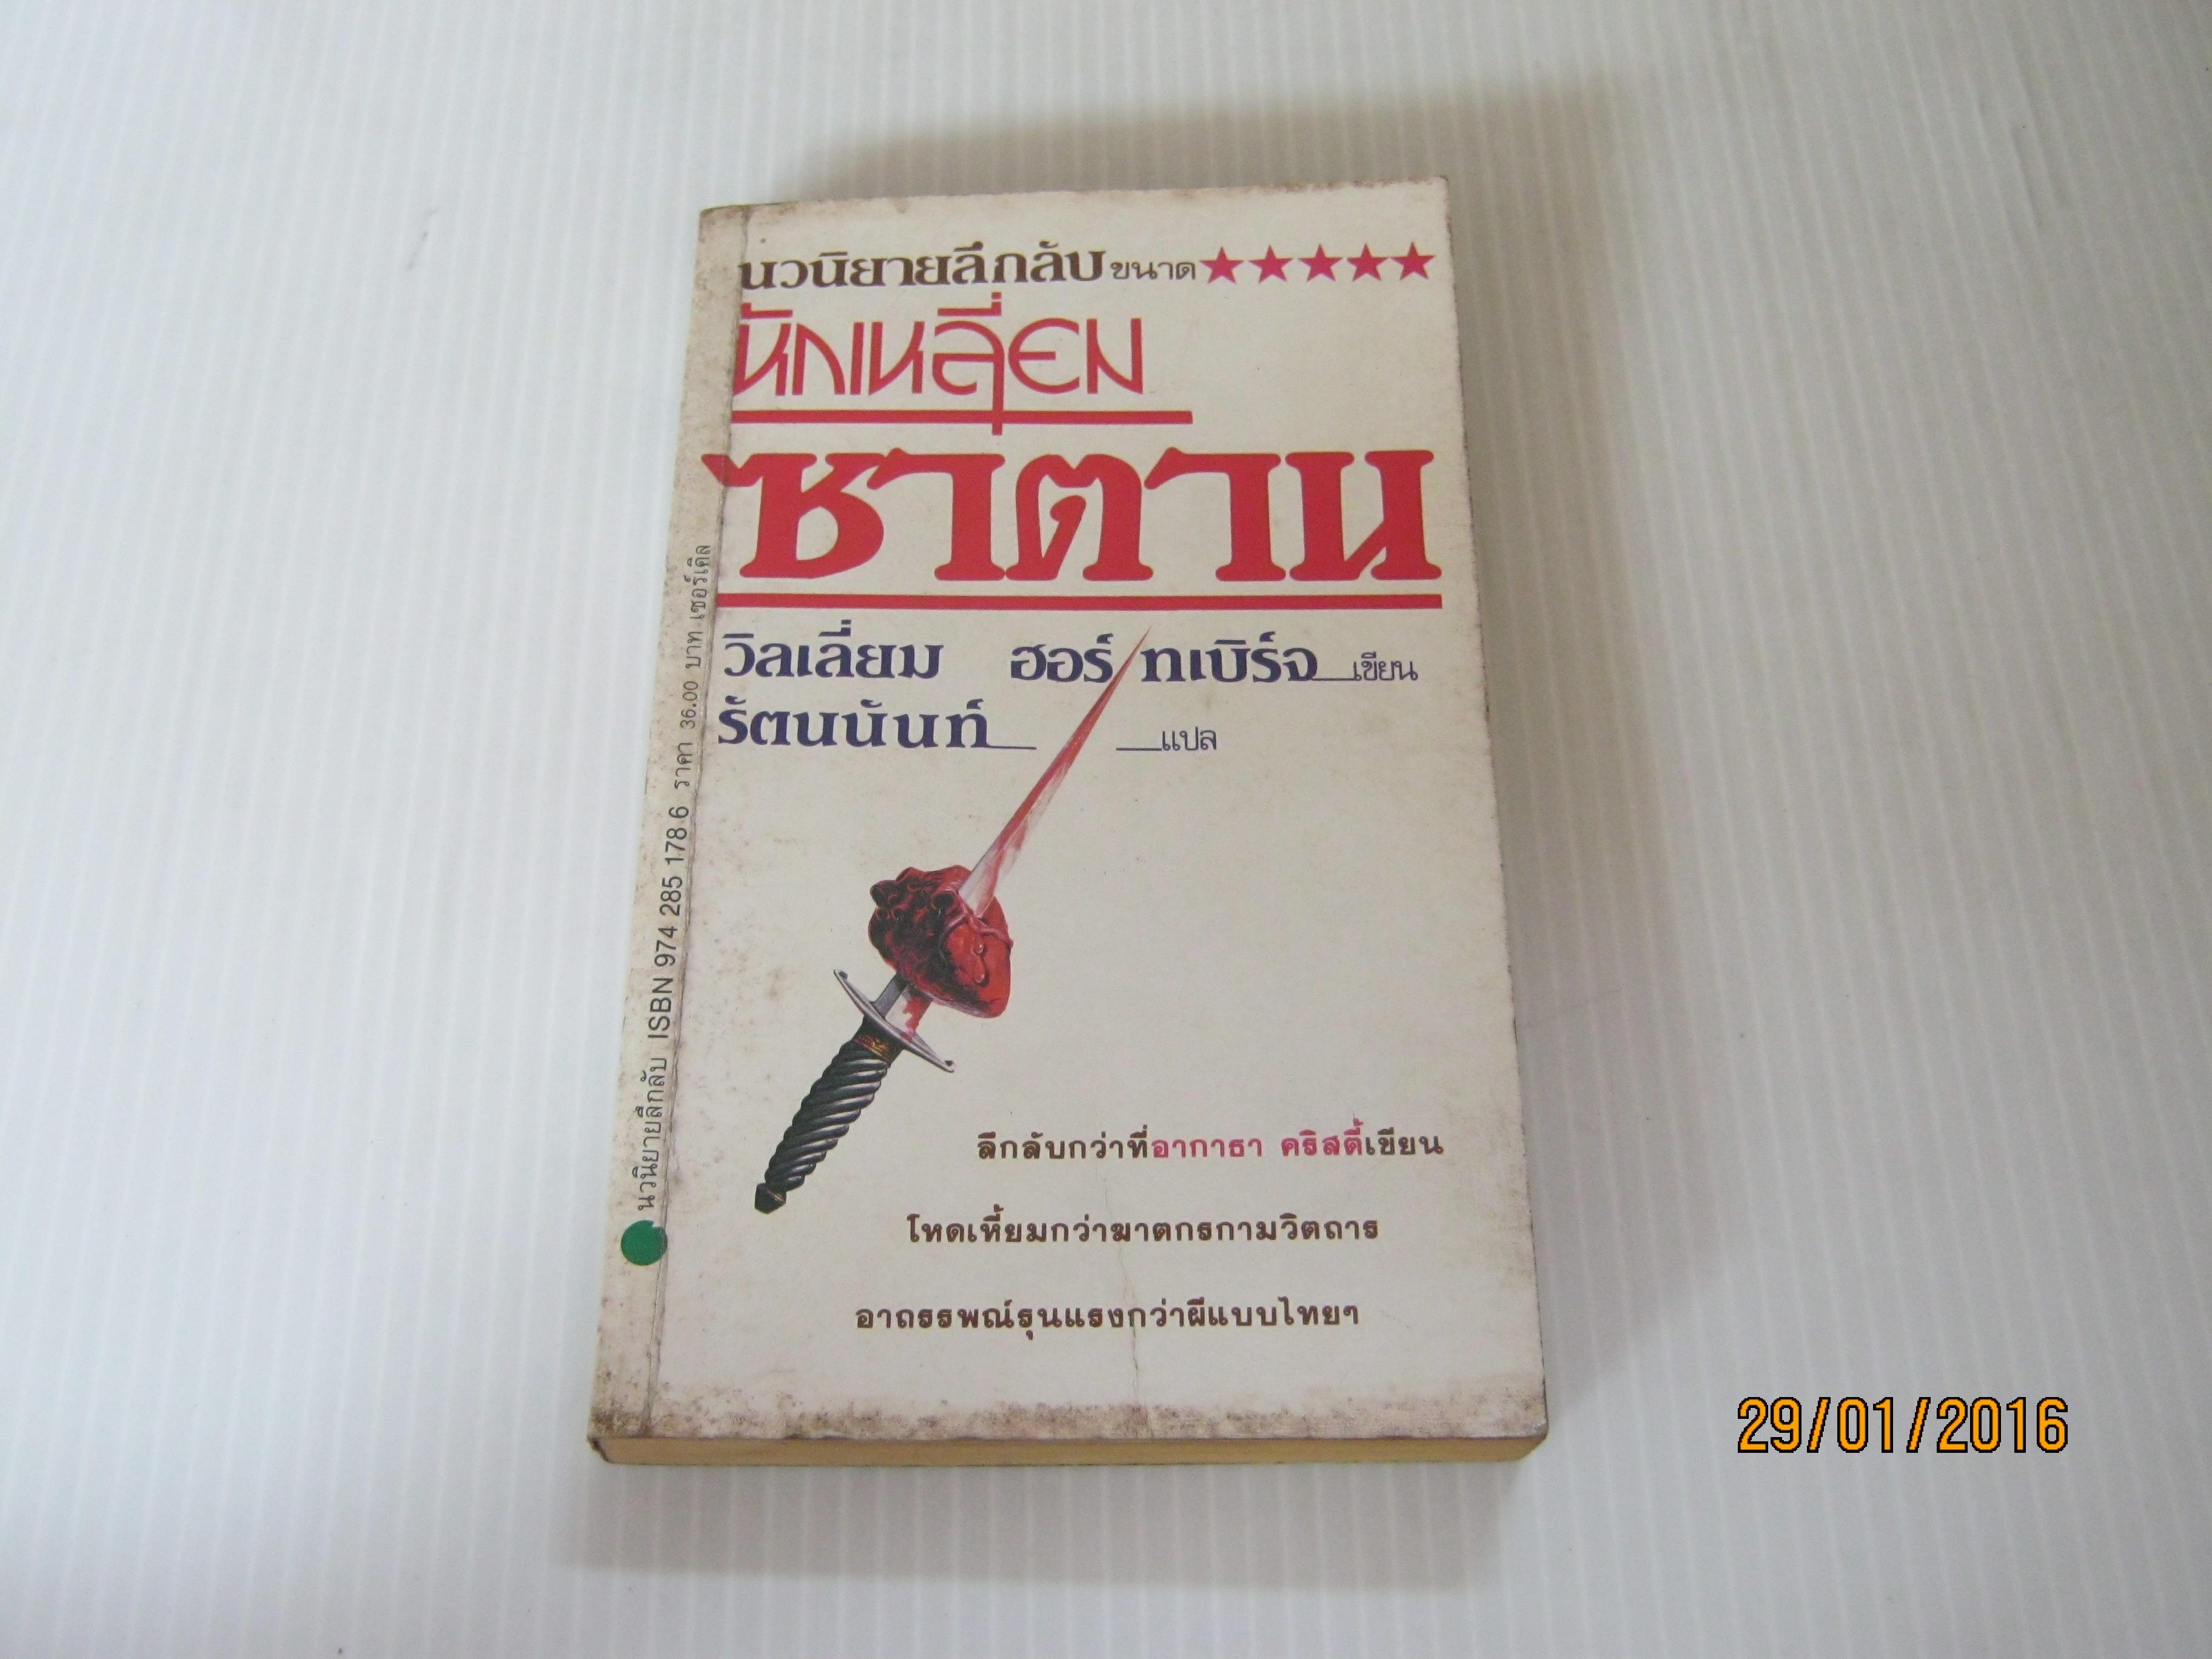 หักเหลี่ยมซาตาน วิลเลี่ยม ฮอร์ทเบิร์จ เขียน รัตนนันท์ แปล